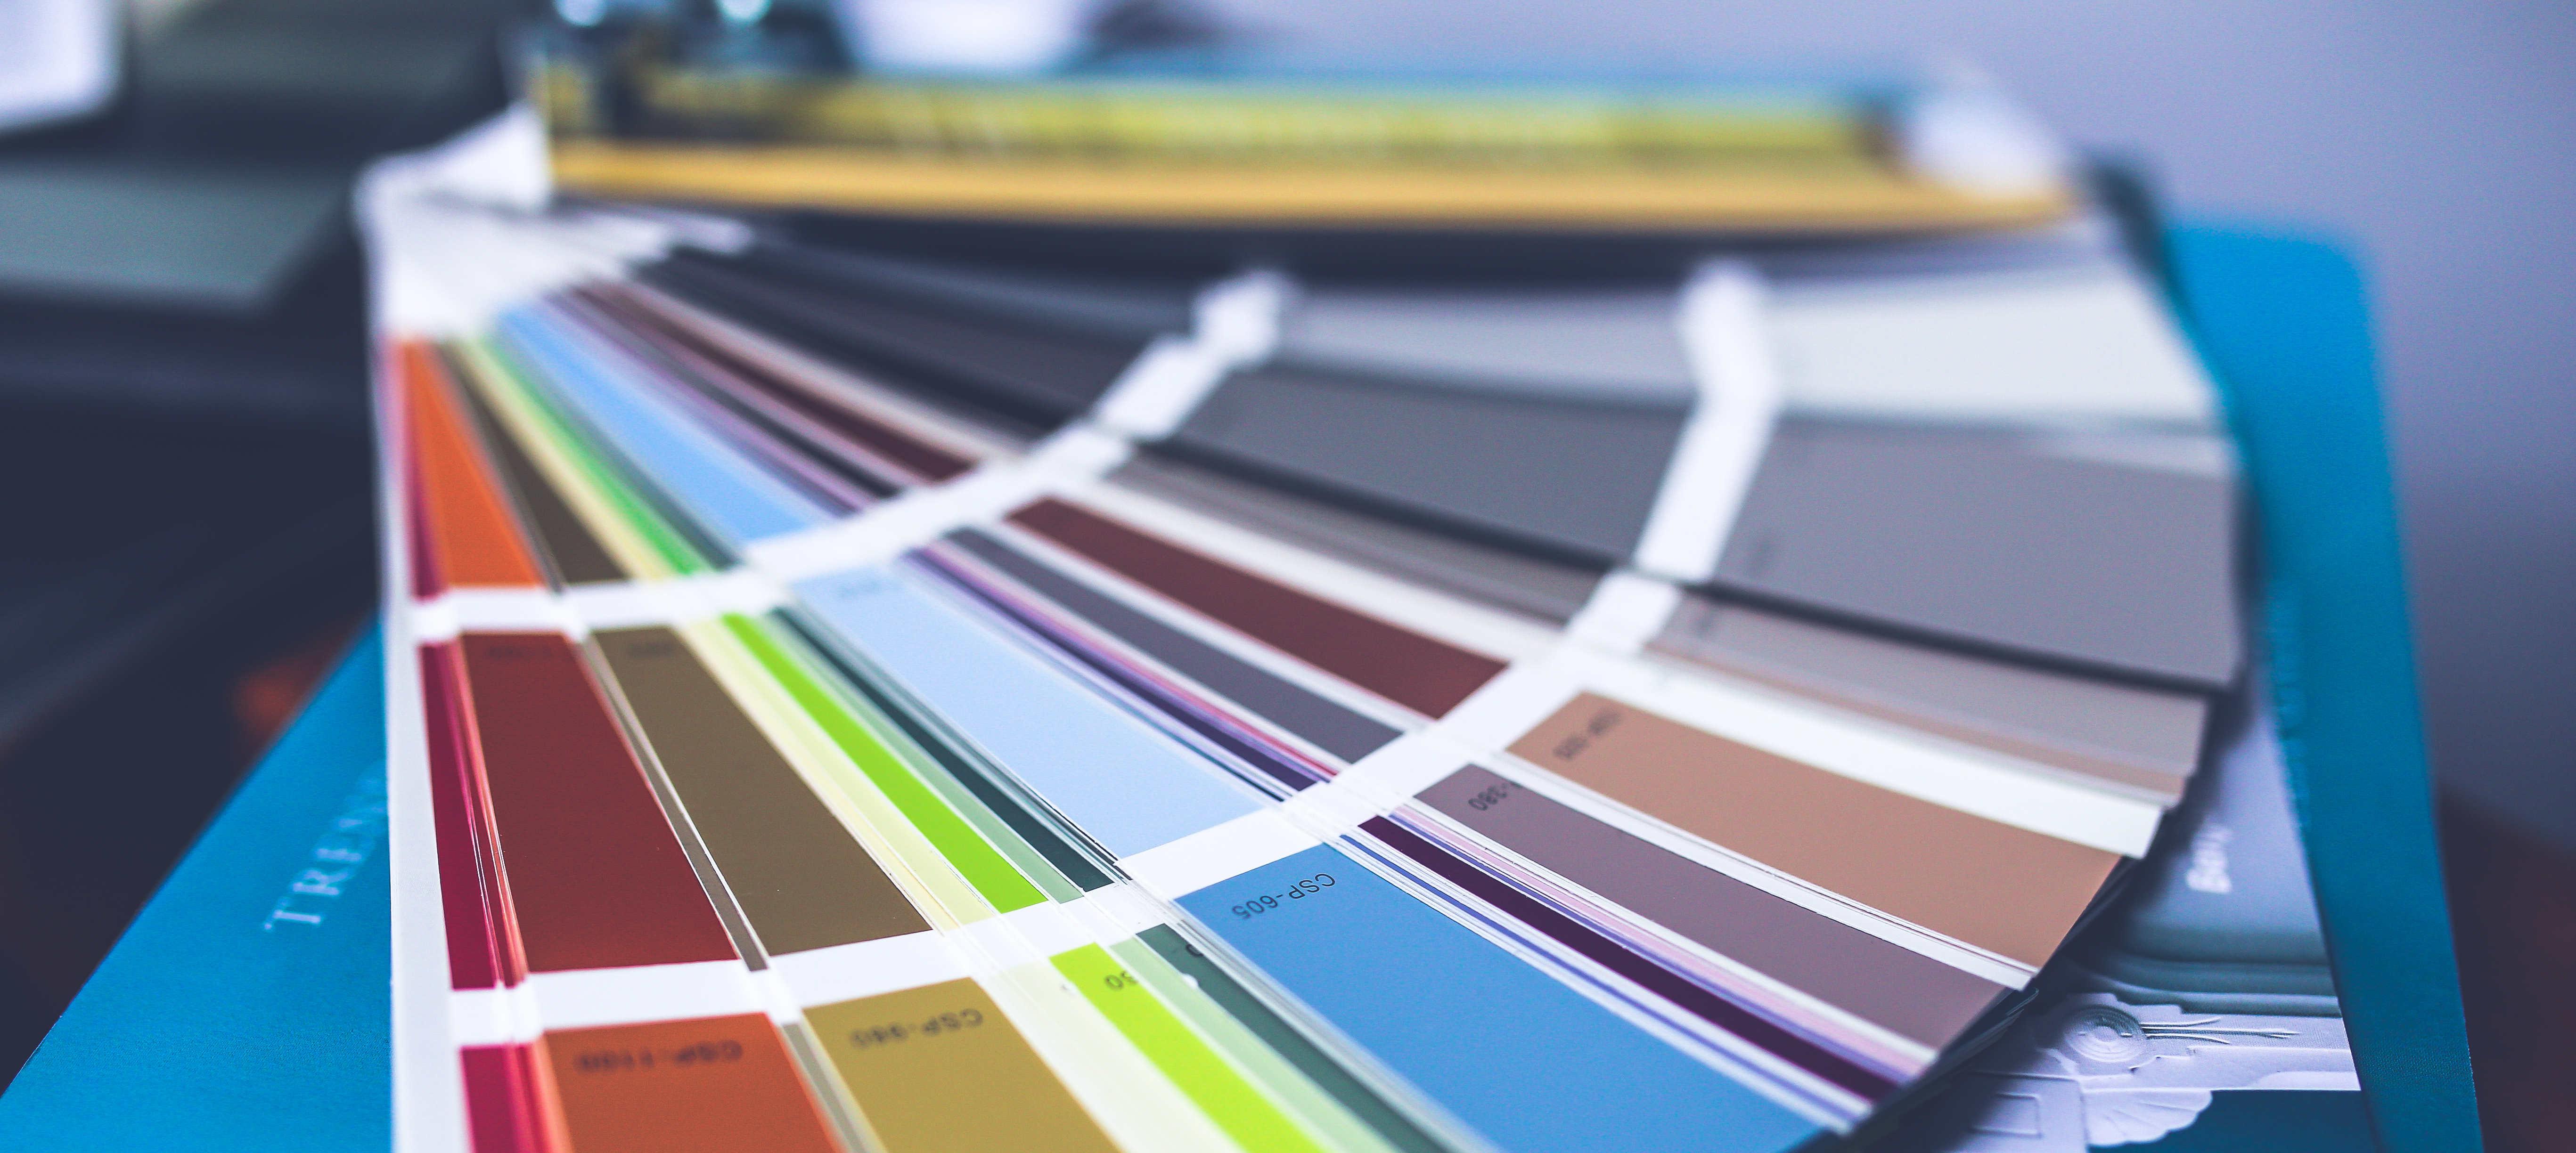 Farbeferenzkarten Grafikdesign Print